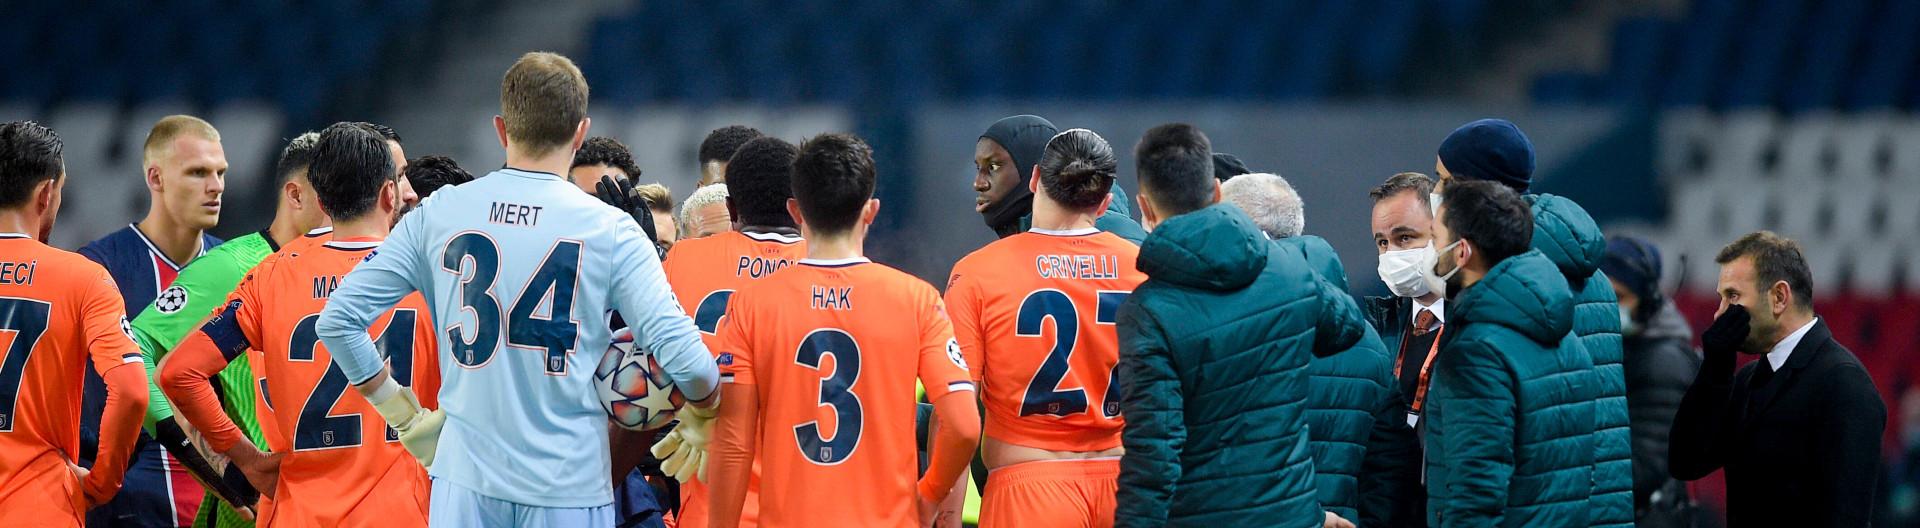 Rudelbildung beim Champions-League-Spiel zwischen Istanbul Basaksehir und Paris St. Germain am 08.12.2020